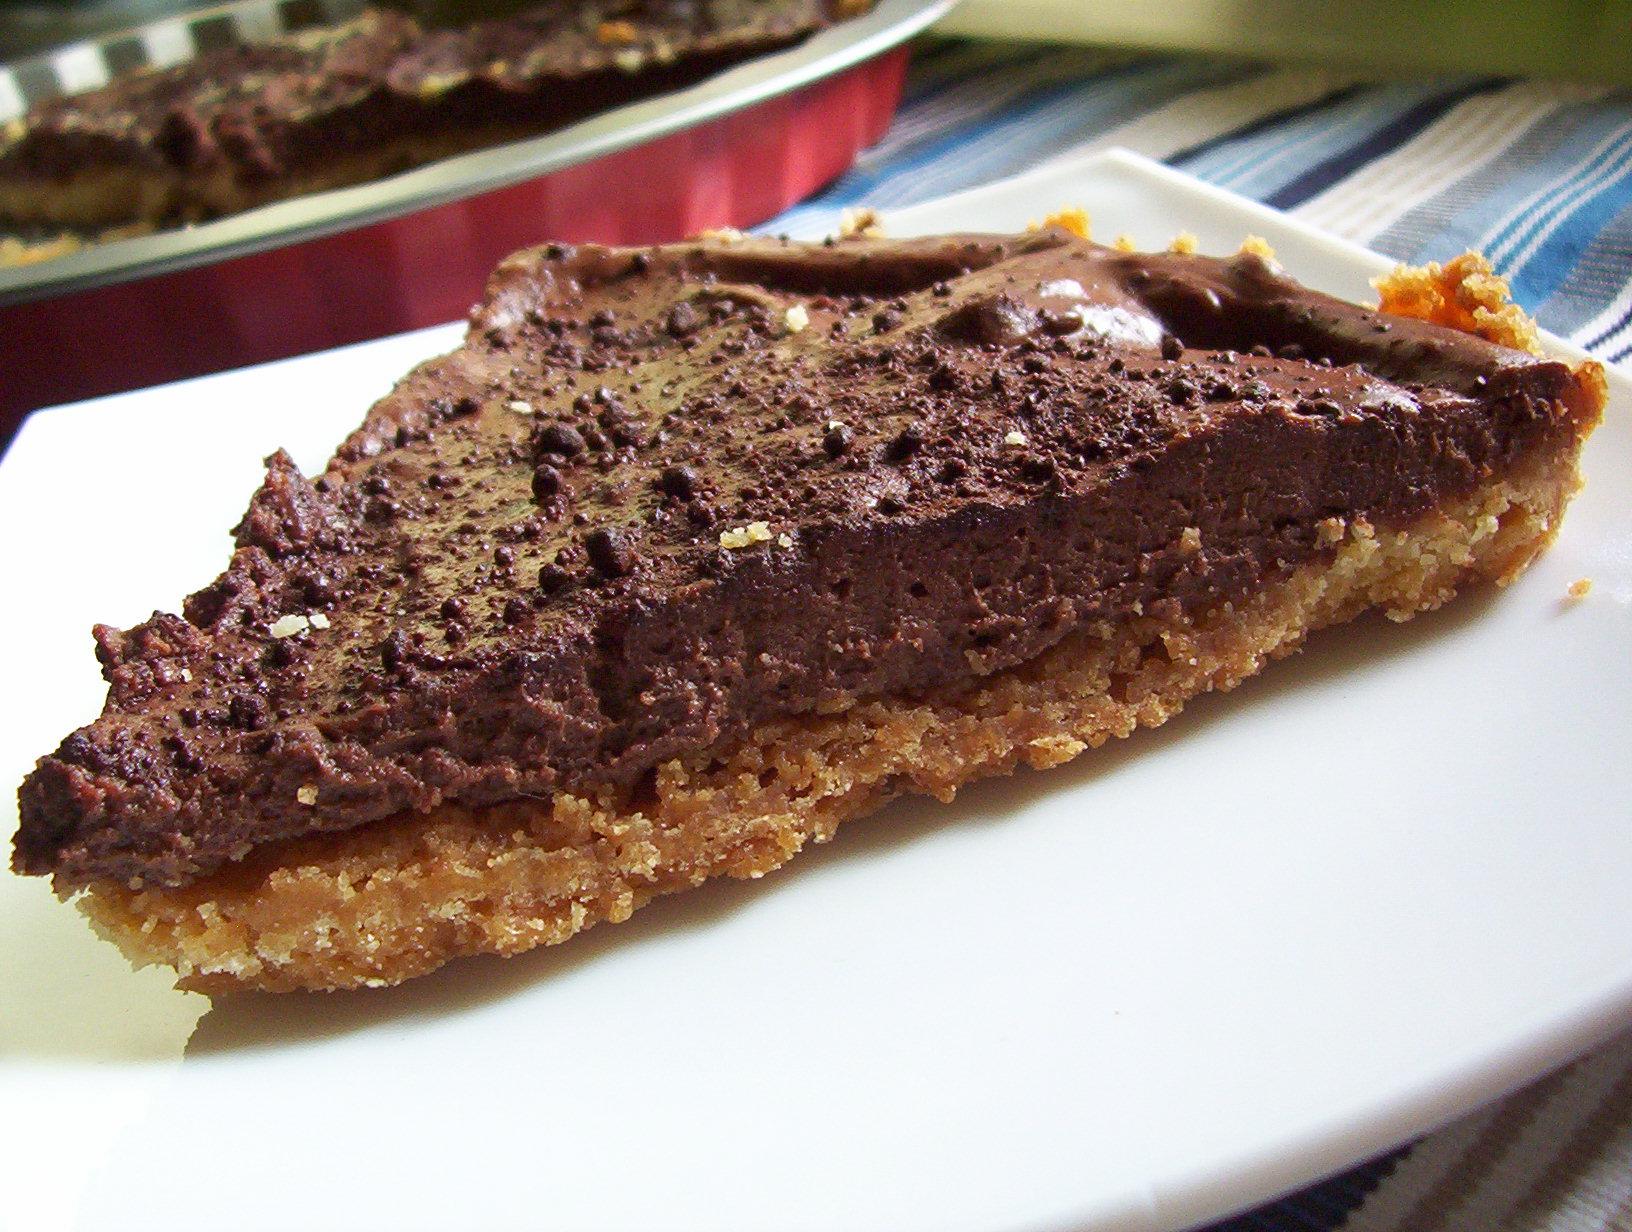 Drobenkový koláč s čokoládovým krémem